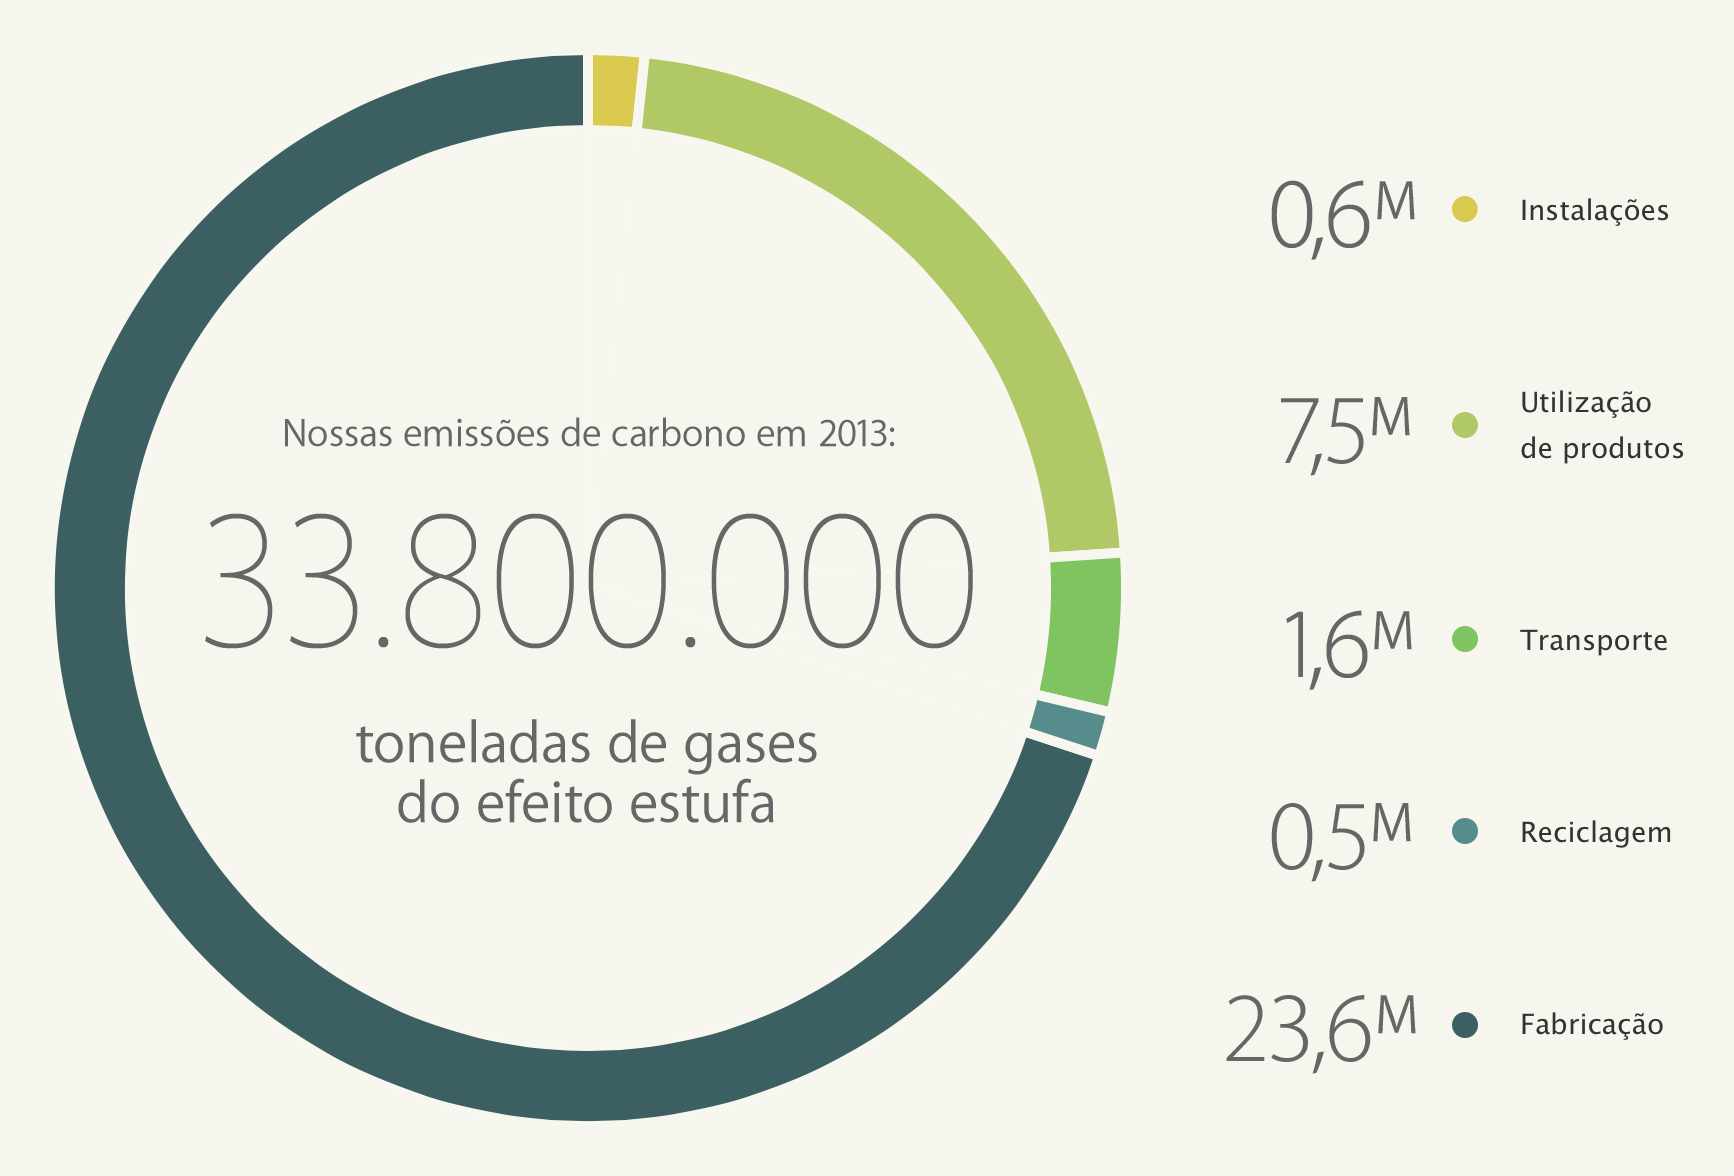 Gráfico retirado do relatório ambiental de 2014 da Apple